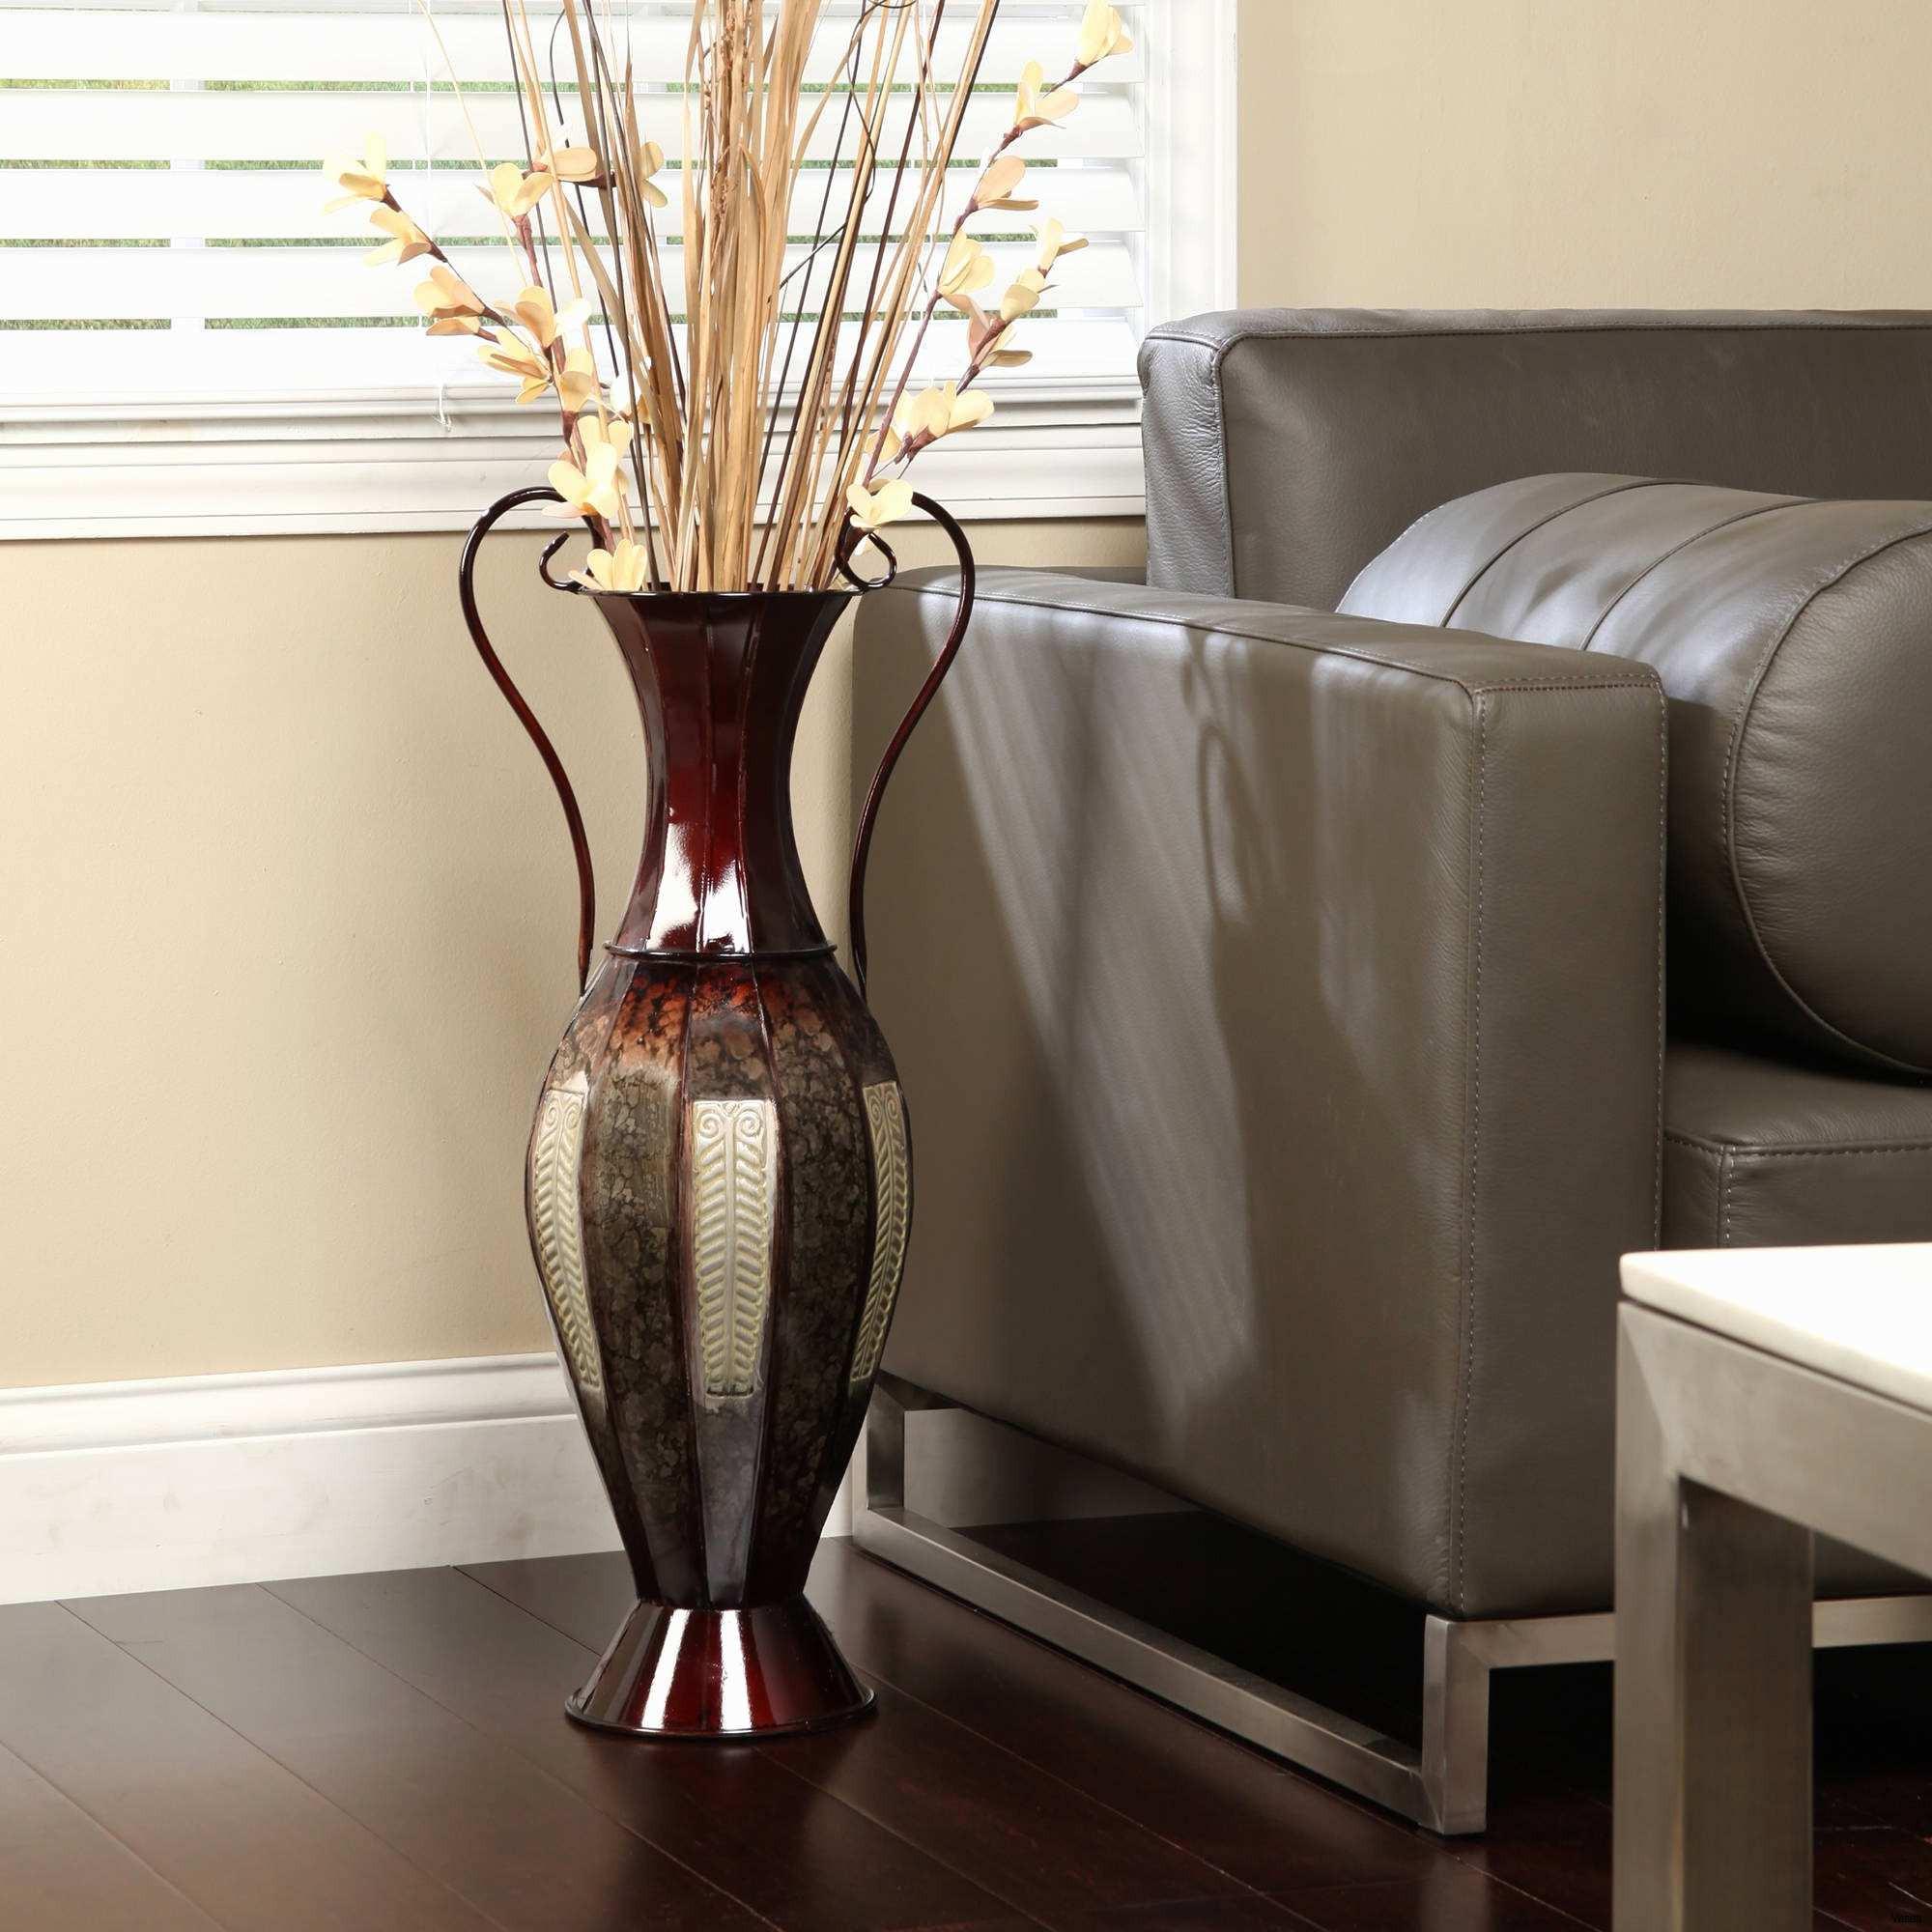 Large Indoor Floor Vases Of Vases Artificial Plants Collection Page 3 In Metallic Floor Vase Images Home Decor Elegant 9 Beautiful Floor Vases Qosy for Tall Of Metallic Floor Vase